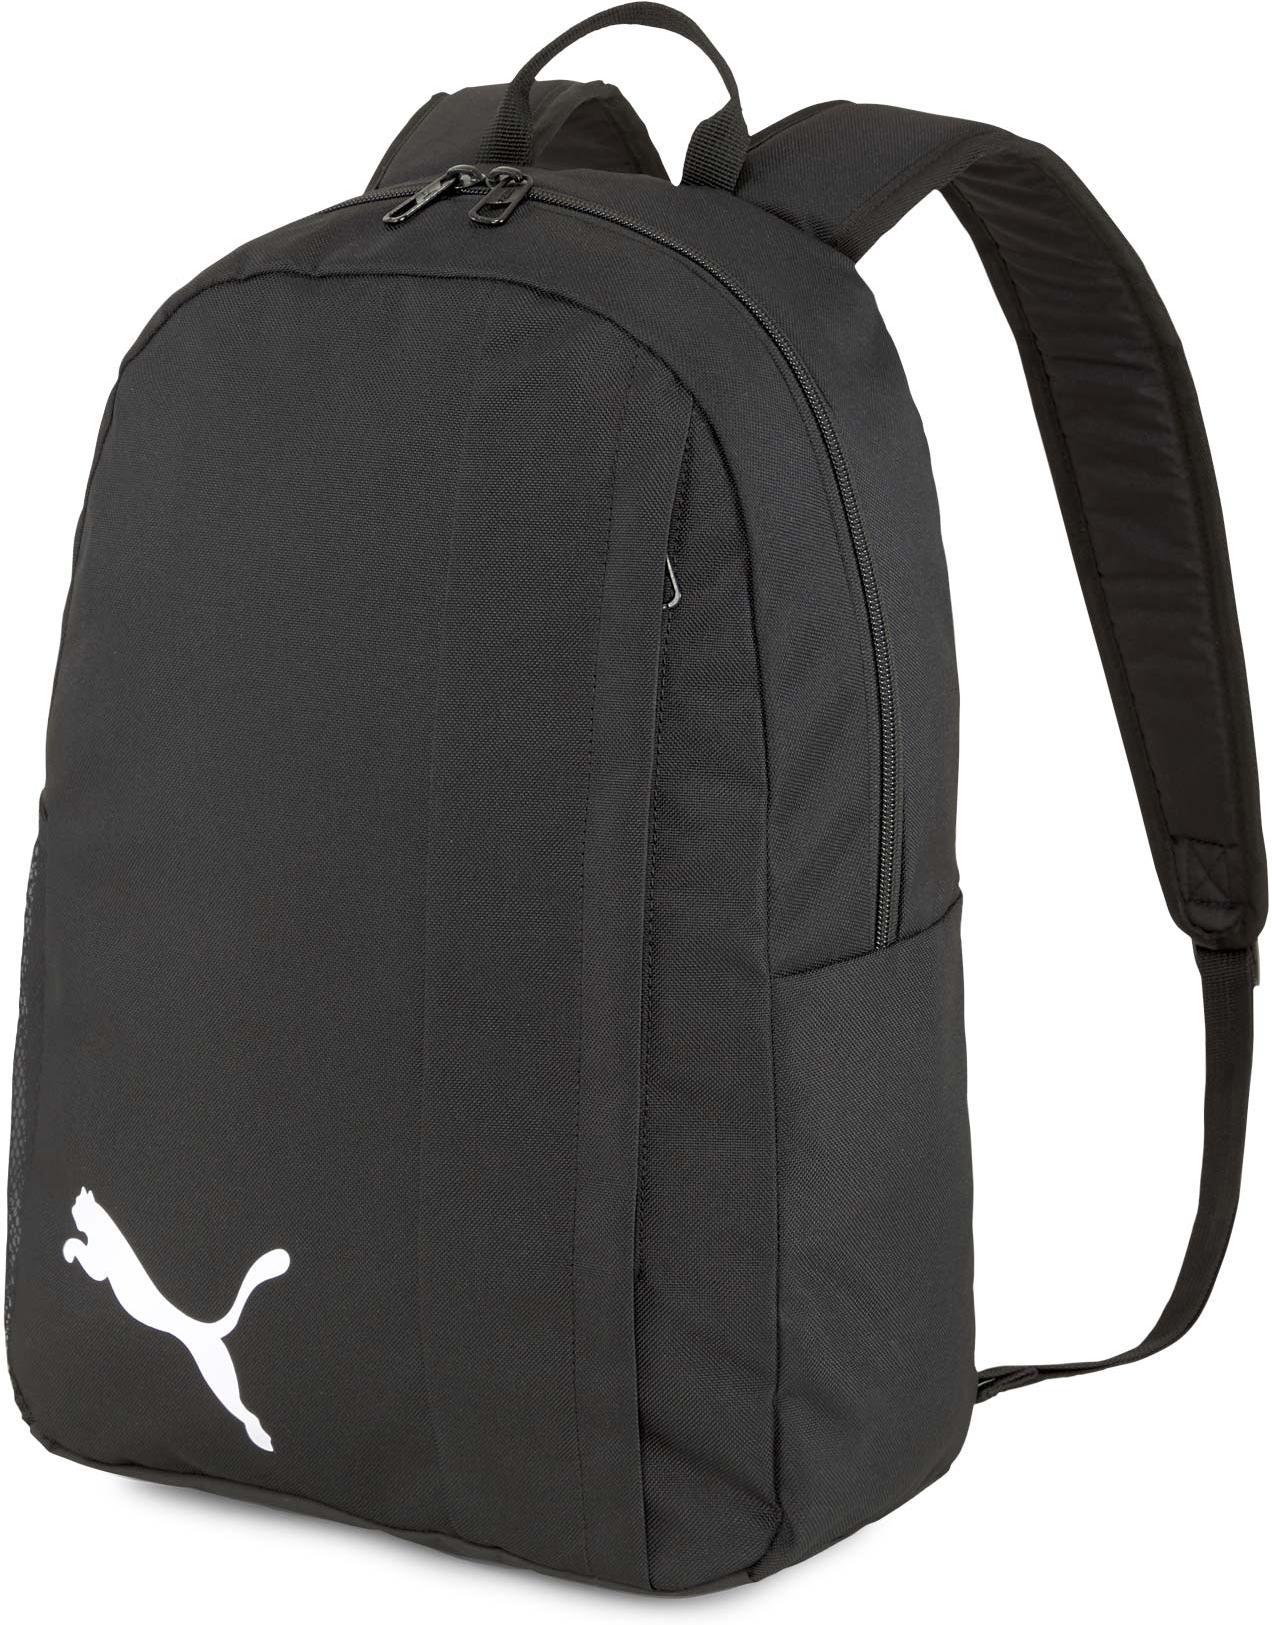 Batoh Puma teamGOAL 23 Backpack